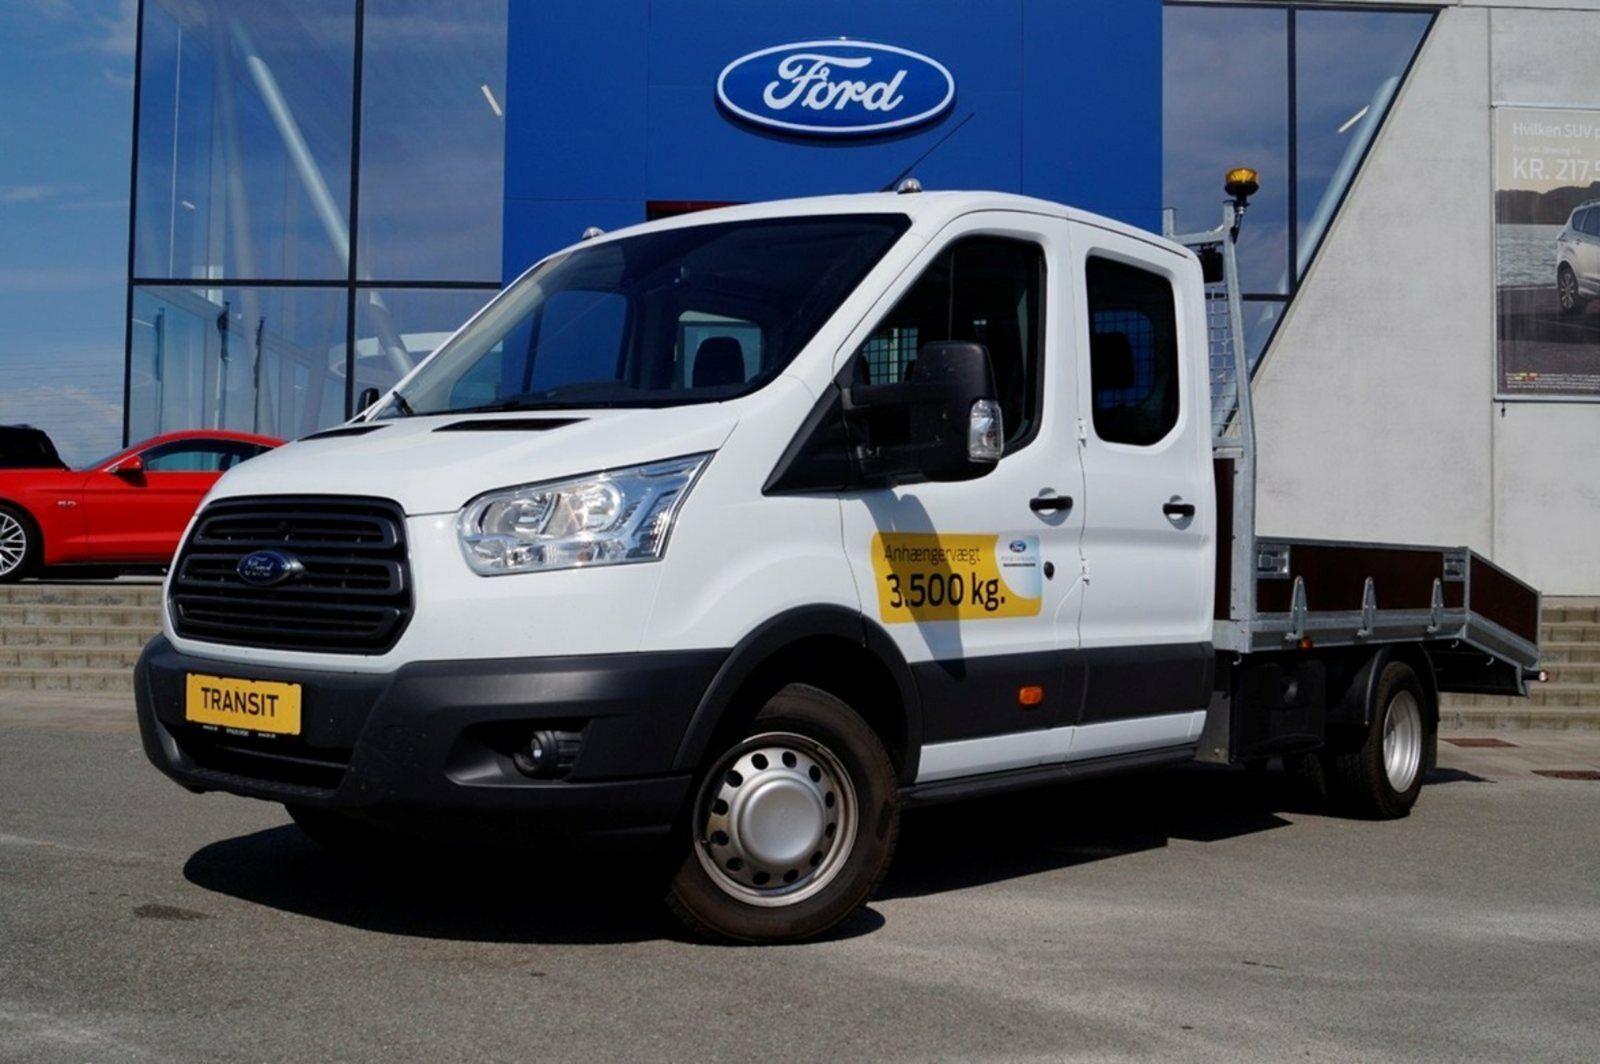 Ford Transit 470 L4 Chassis 2,0 TDCi 170 Db.Cab Trend RWD